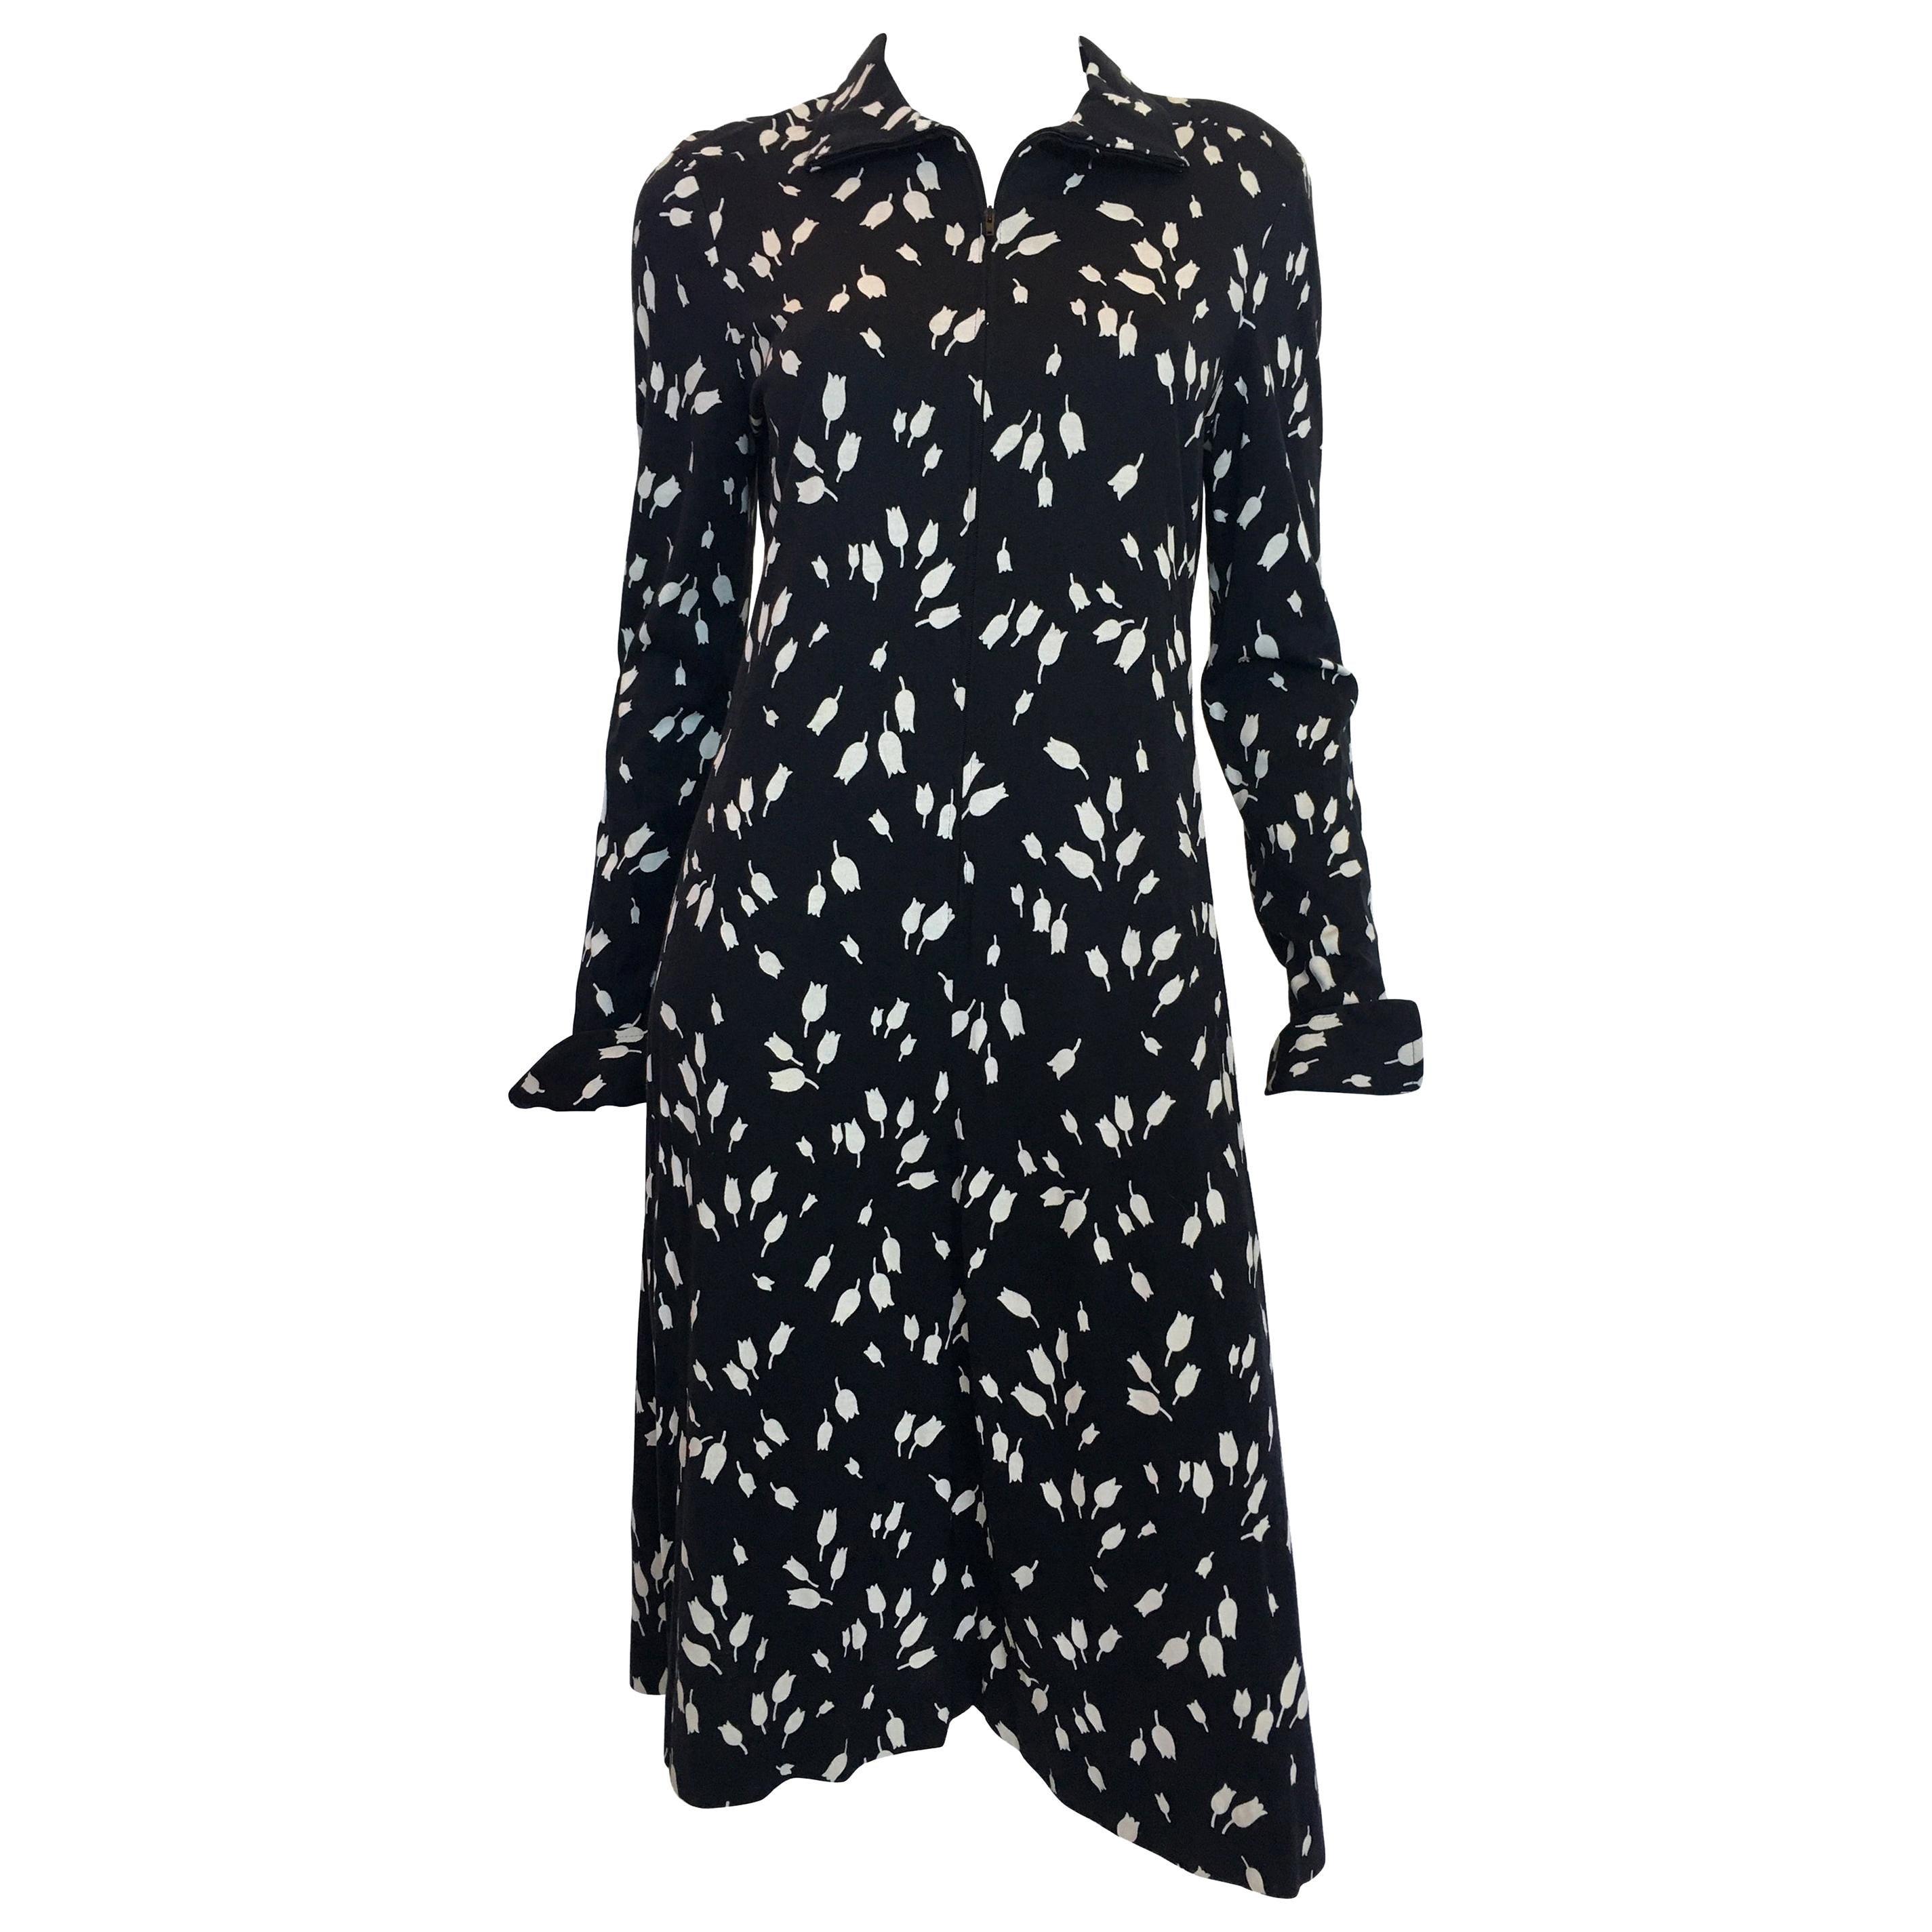 Diane Von Furstenberg Black and White Tulip Dress, 1970's